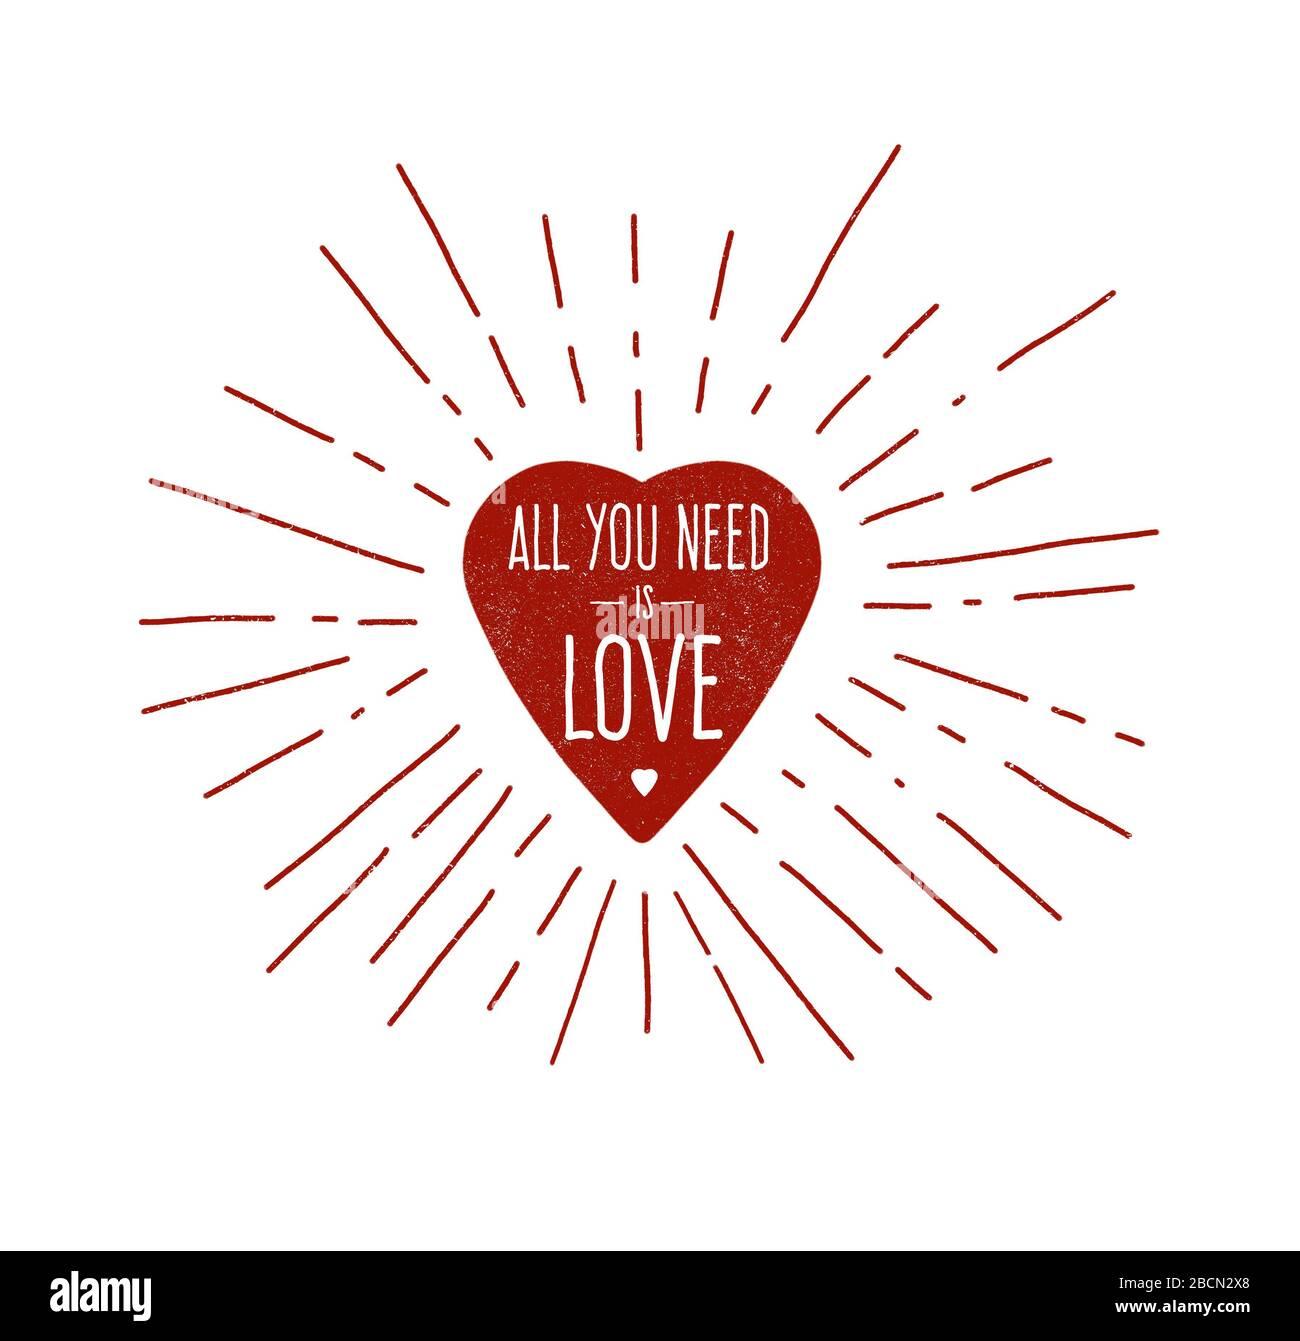 Illustration de coeur rouge dessinée à la main avec les mots « tout ce dont vous avez besoin est Amour » phrase Banque D'Images